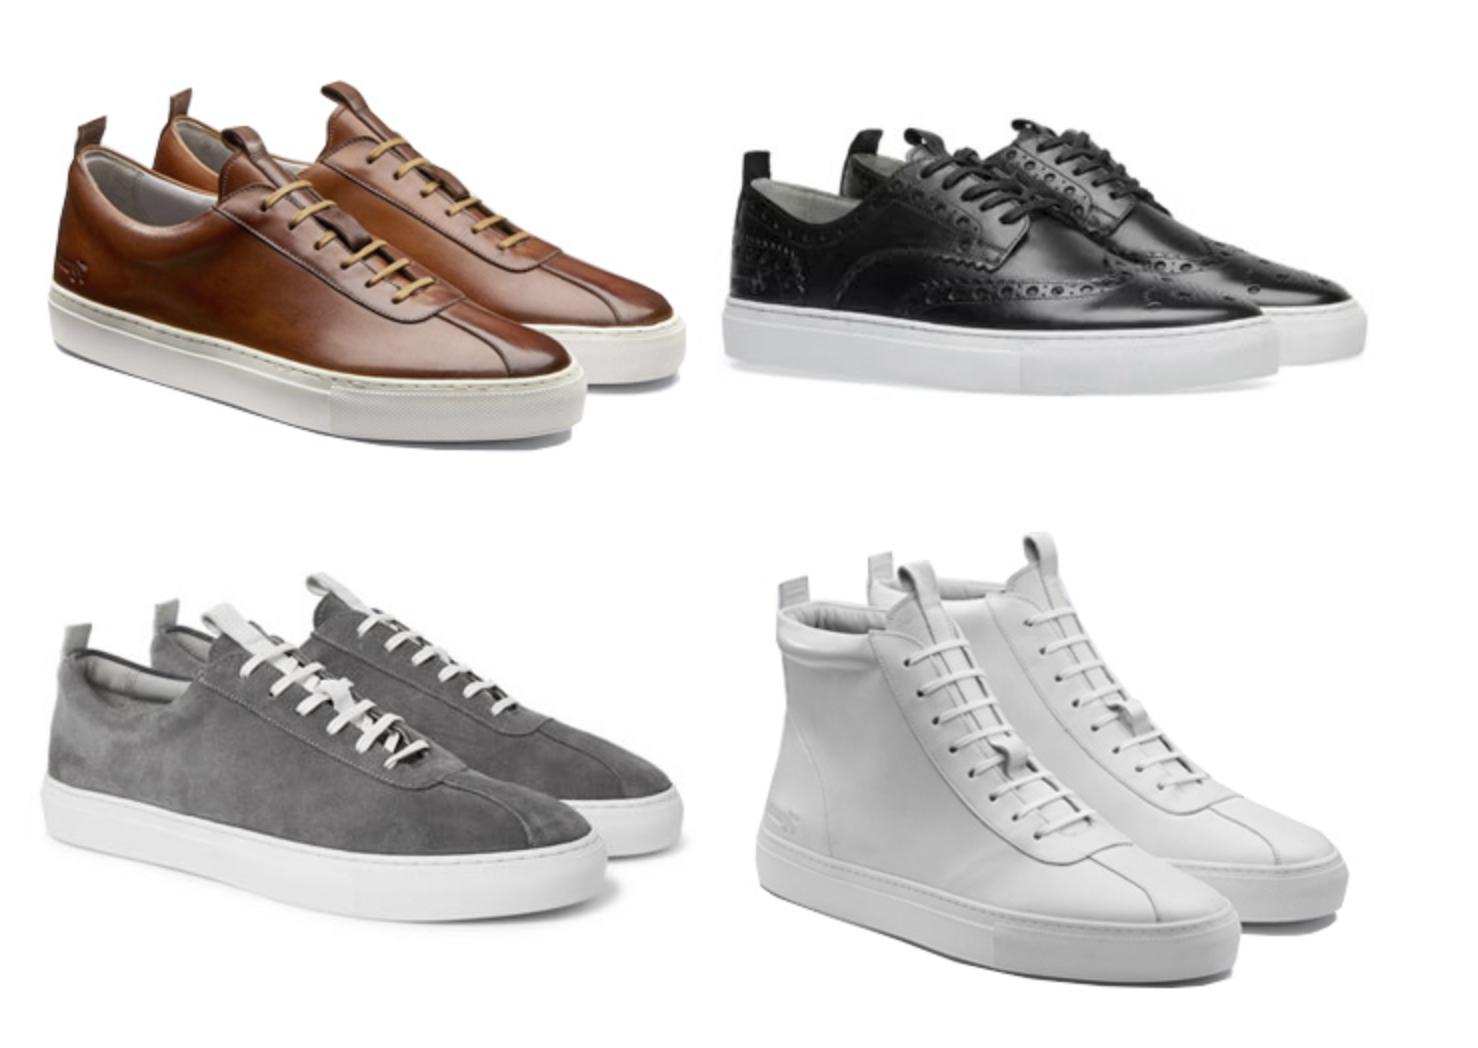 Sepatu Luxury Sneakers Grenson Terbaik luxury sneakers - 14 Luxury Sneakers Terbaik dari Desainer Dunia